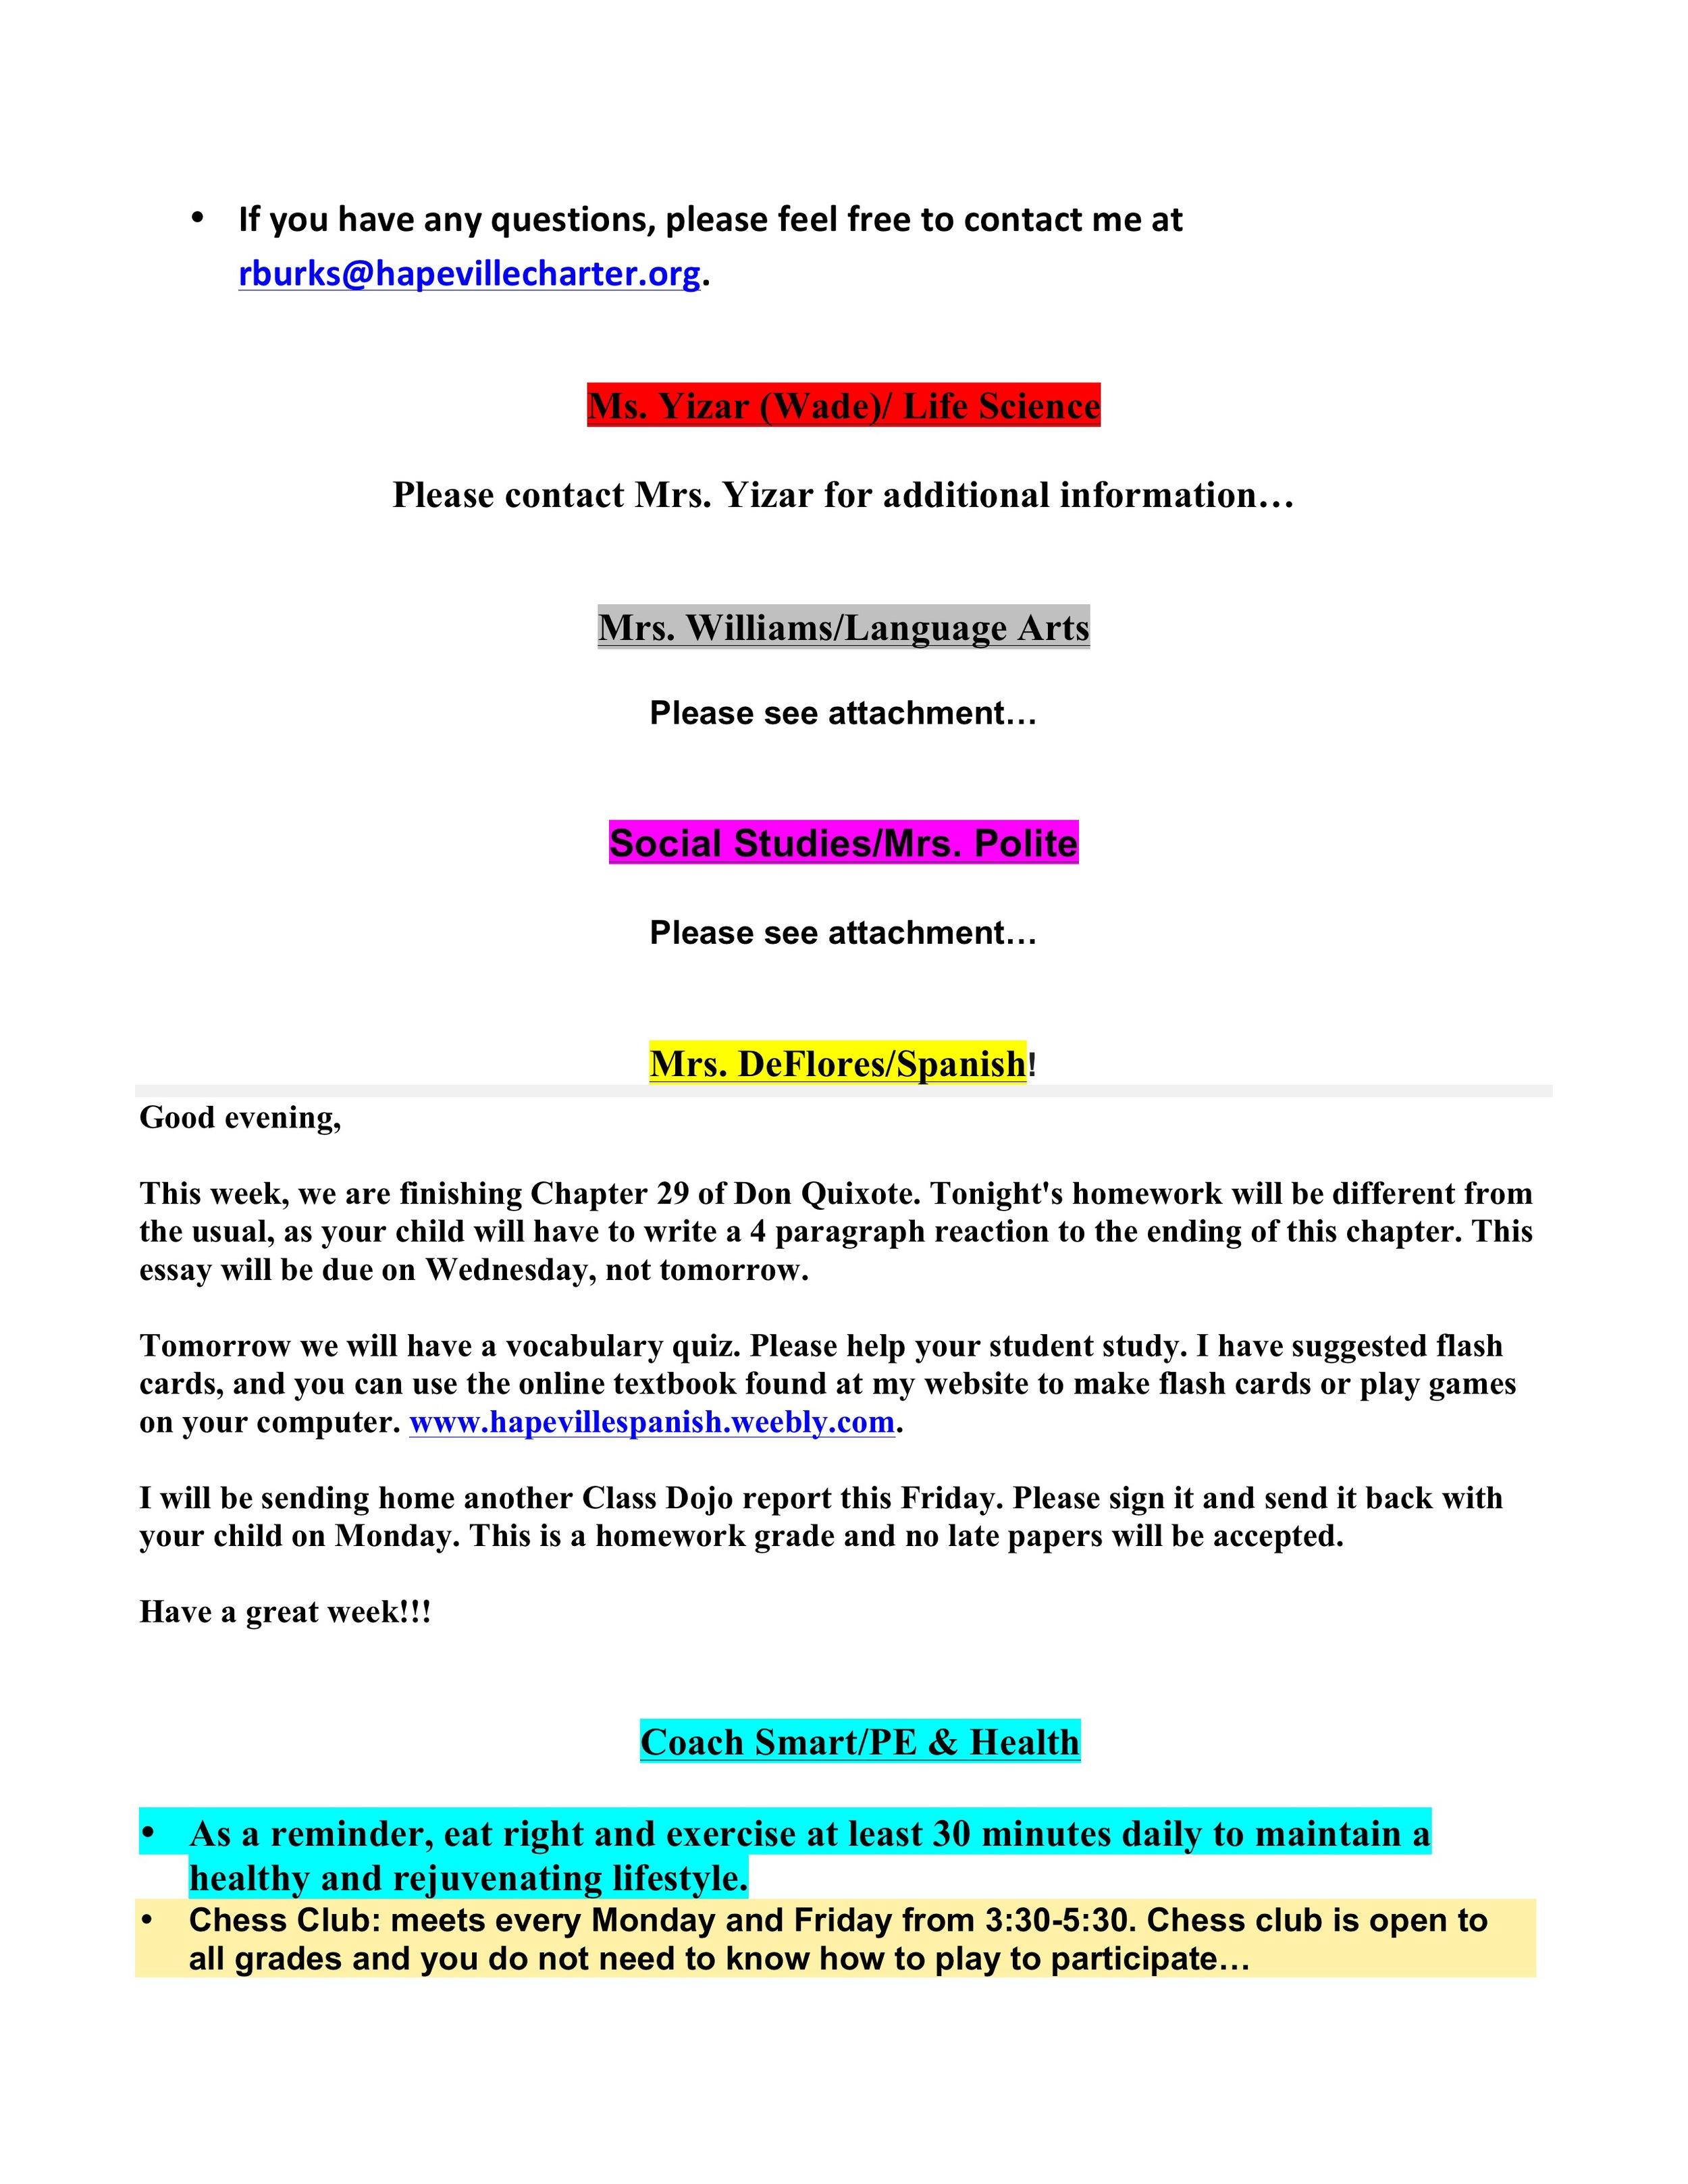 Newsletter Image7th grade February 2 2015 4.jpeg